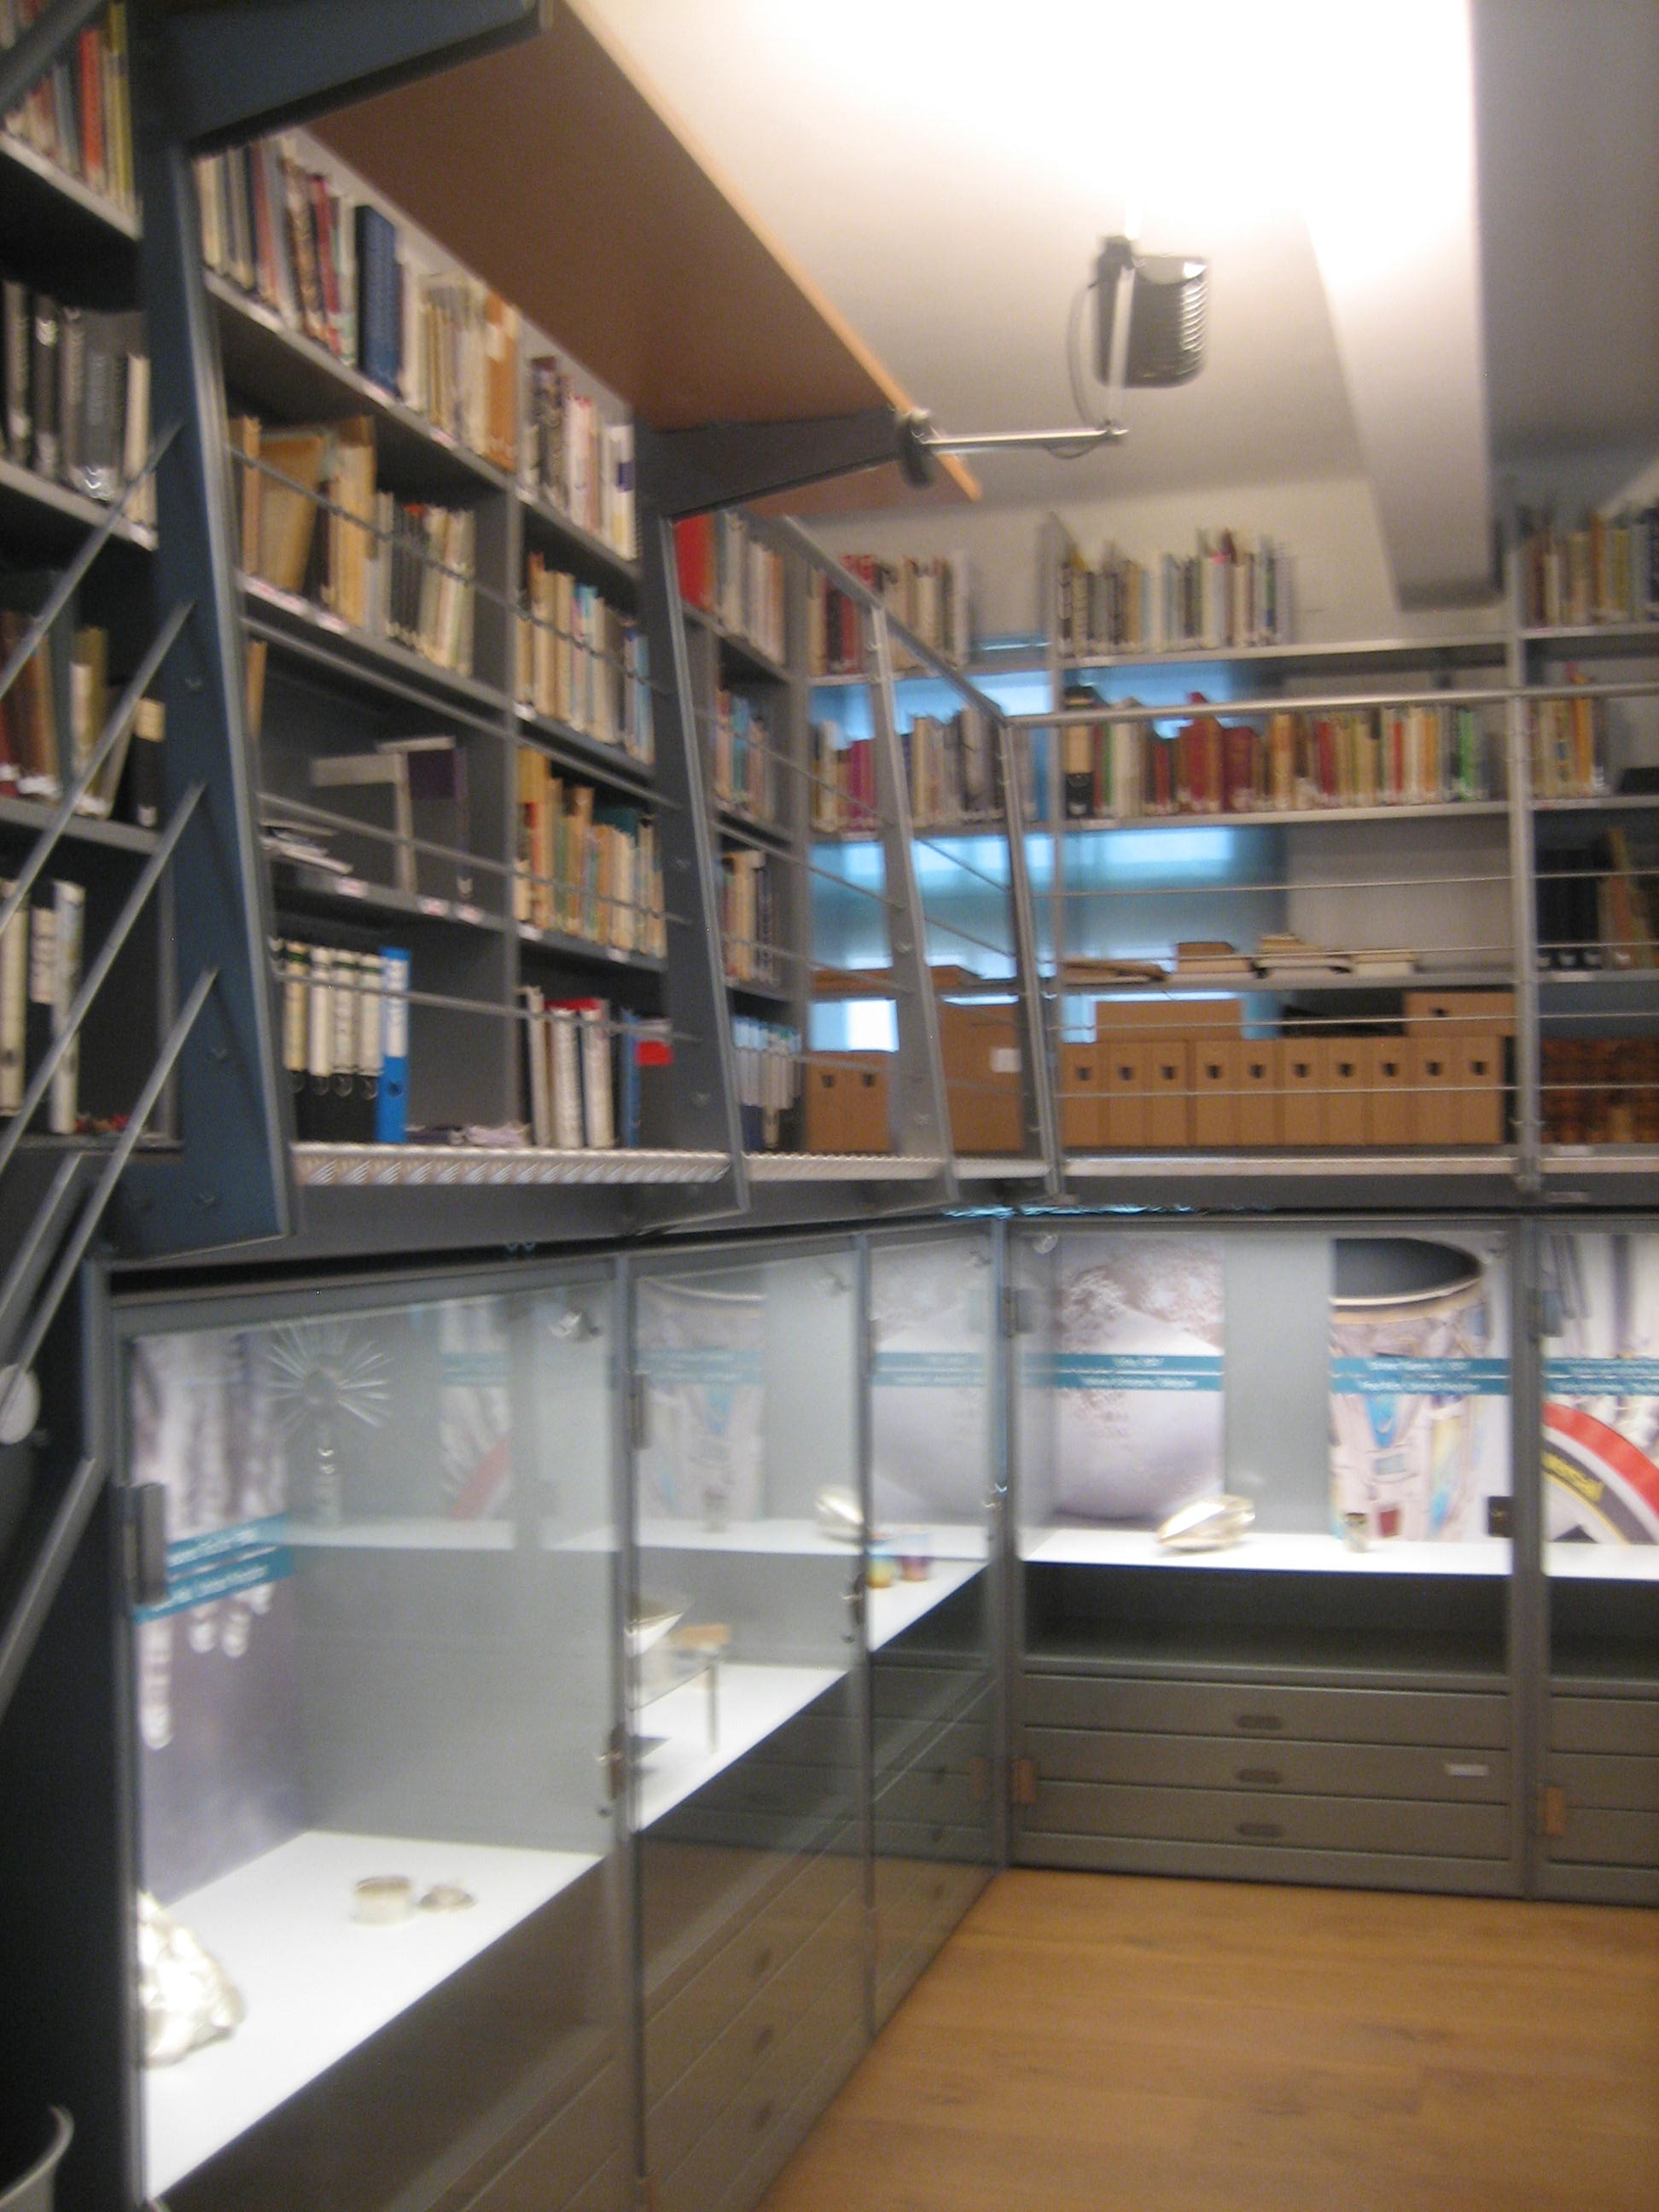 Zilvermuseum Schoonhoven, bibliotheek. Foto Esther Doornbusch, 29 maart 2019, CC BY 4.0